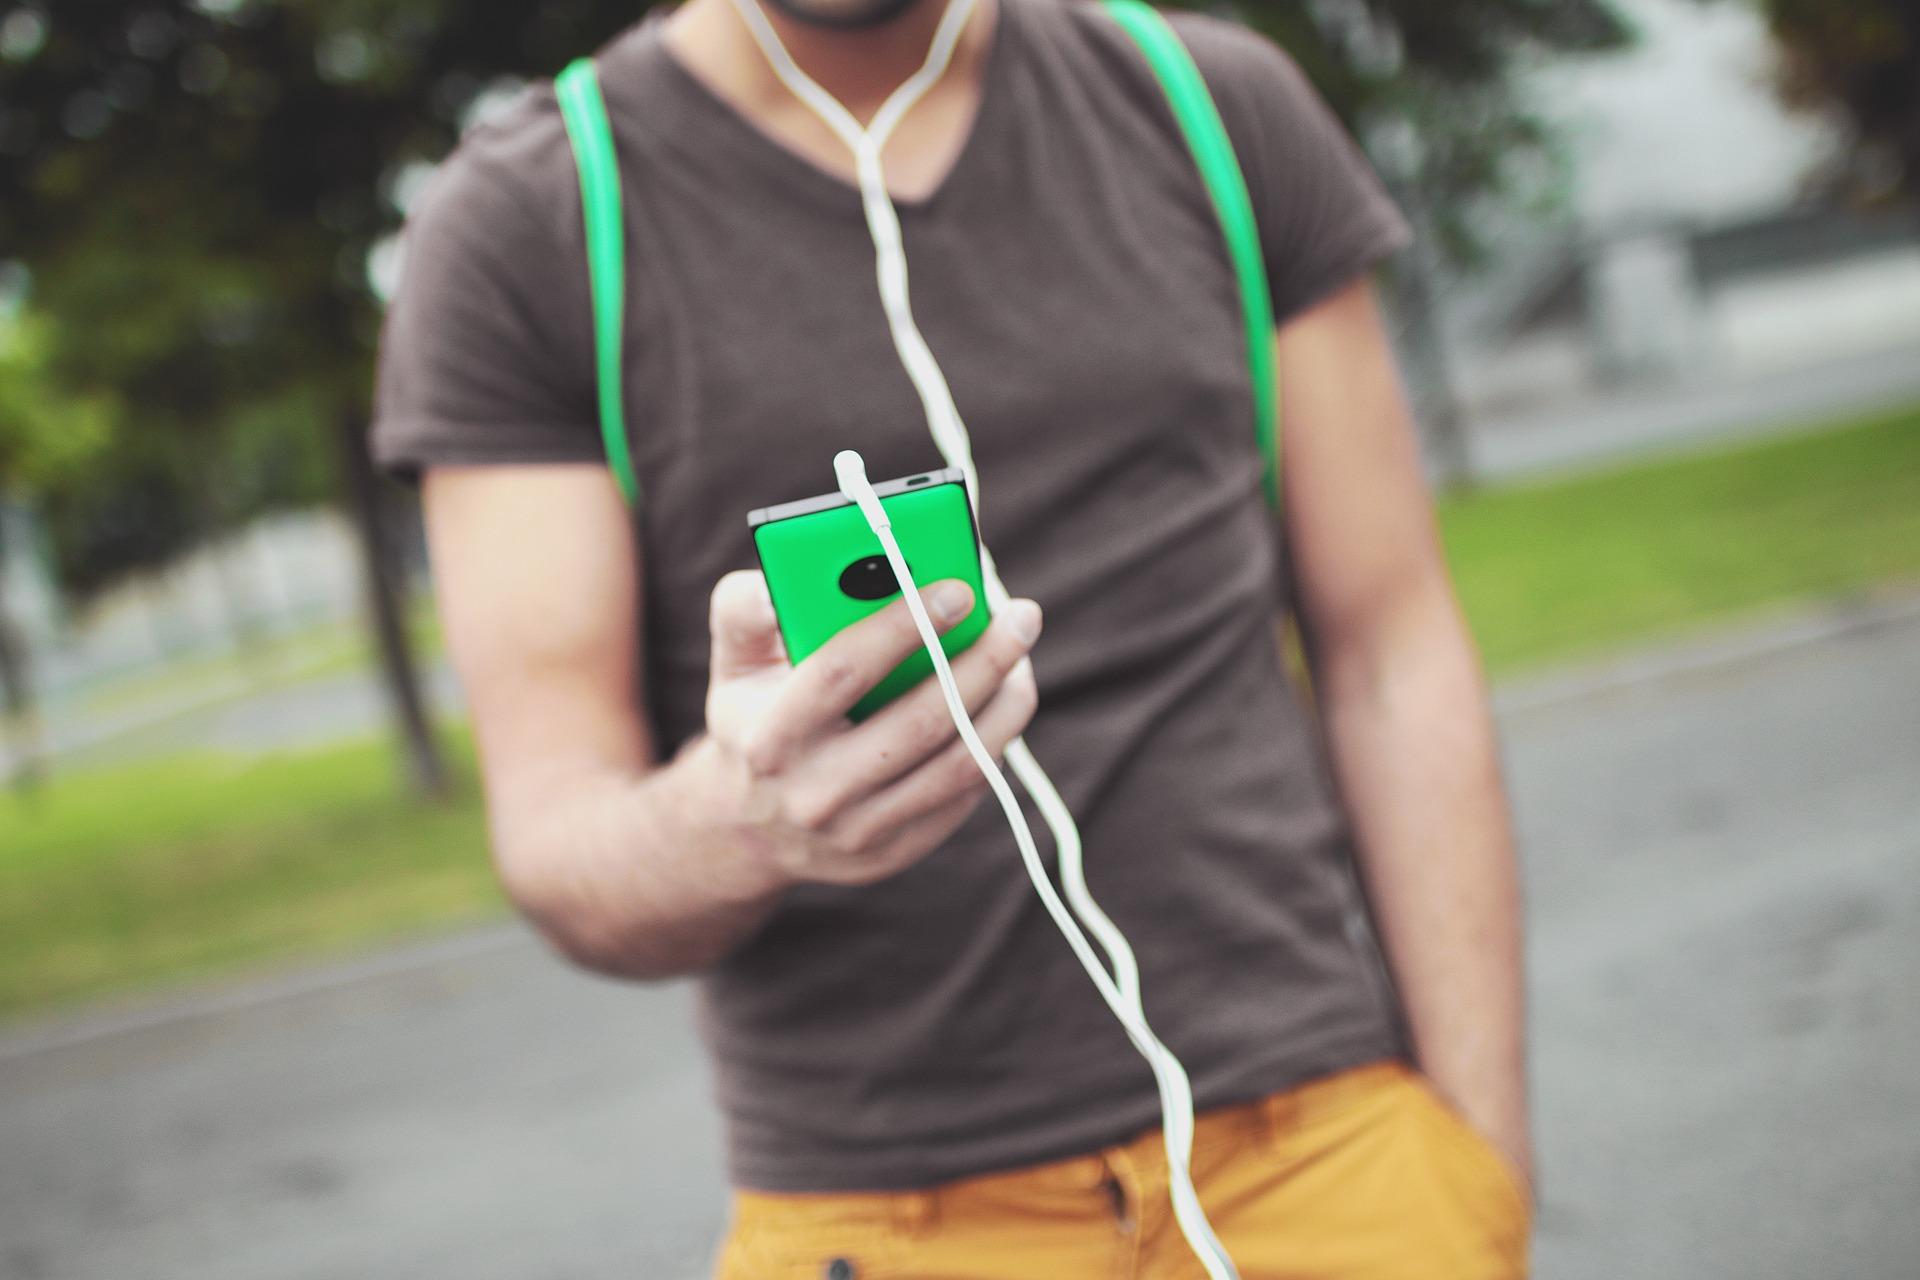 smartphone-923081_1920